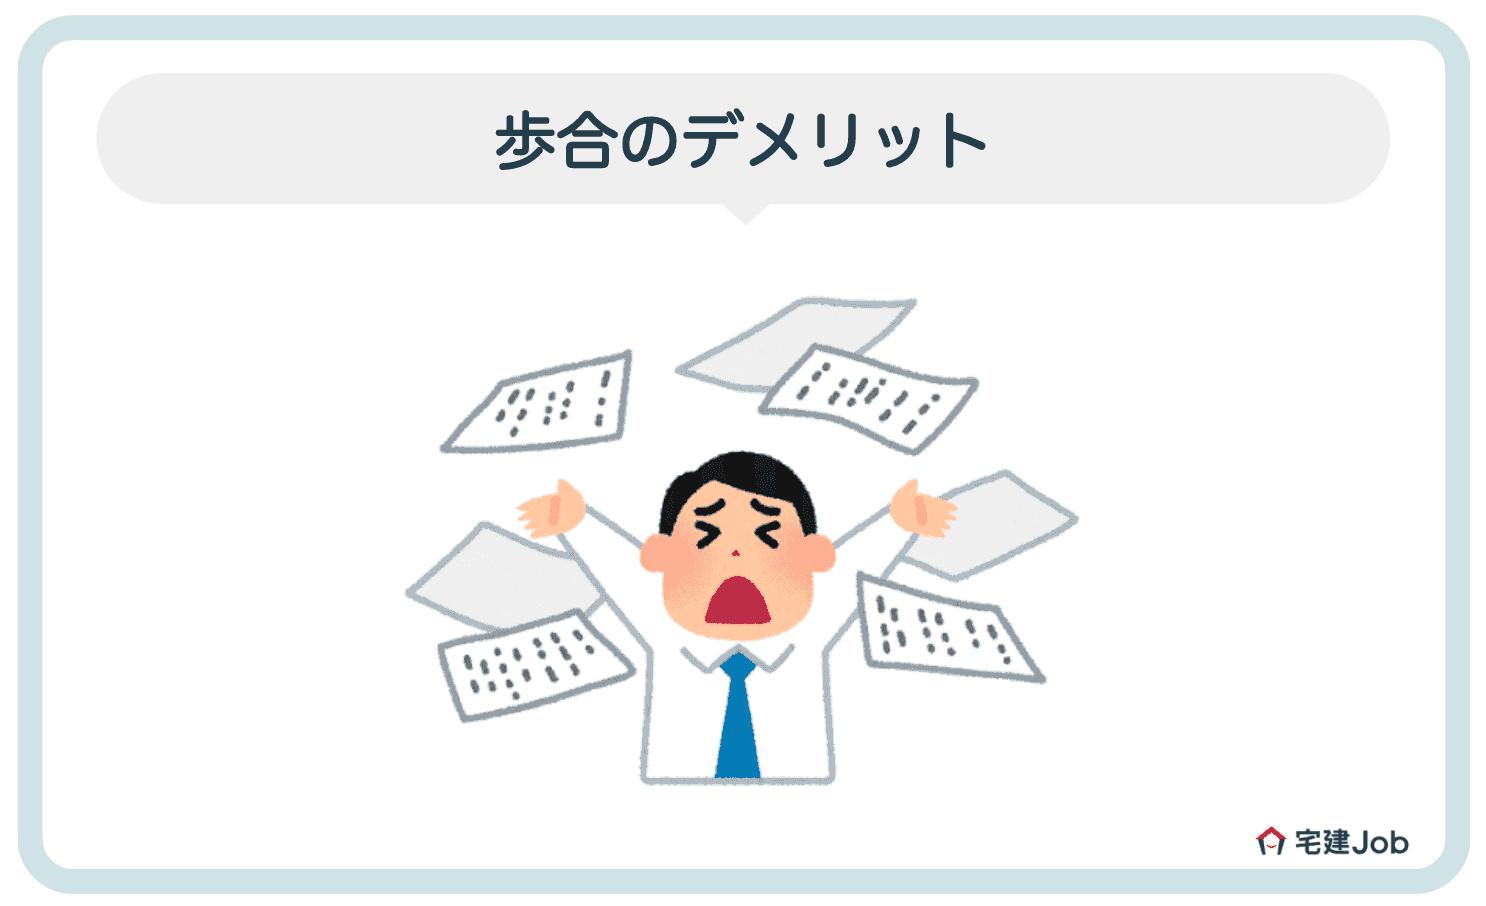 4.不動産業界の歩合制の悪い点【デメリット】